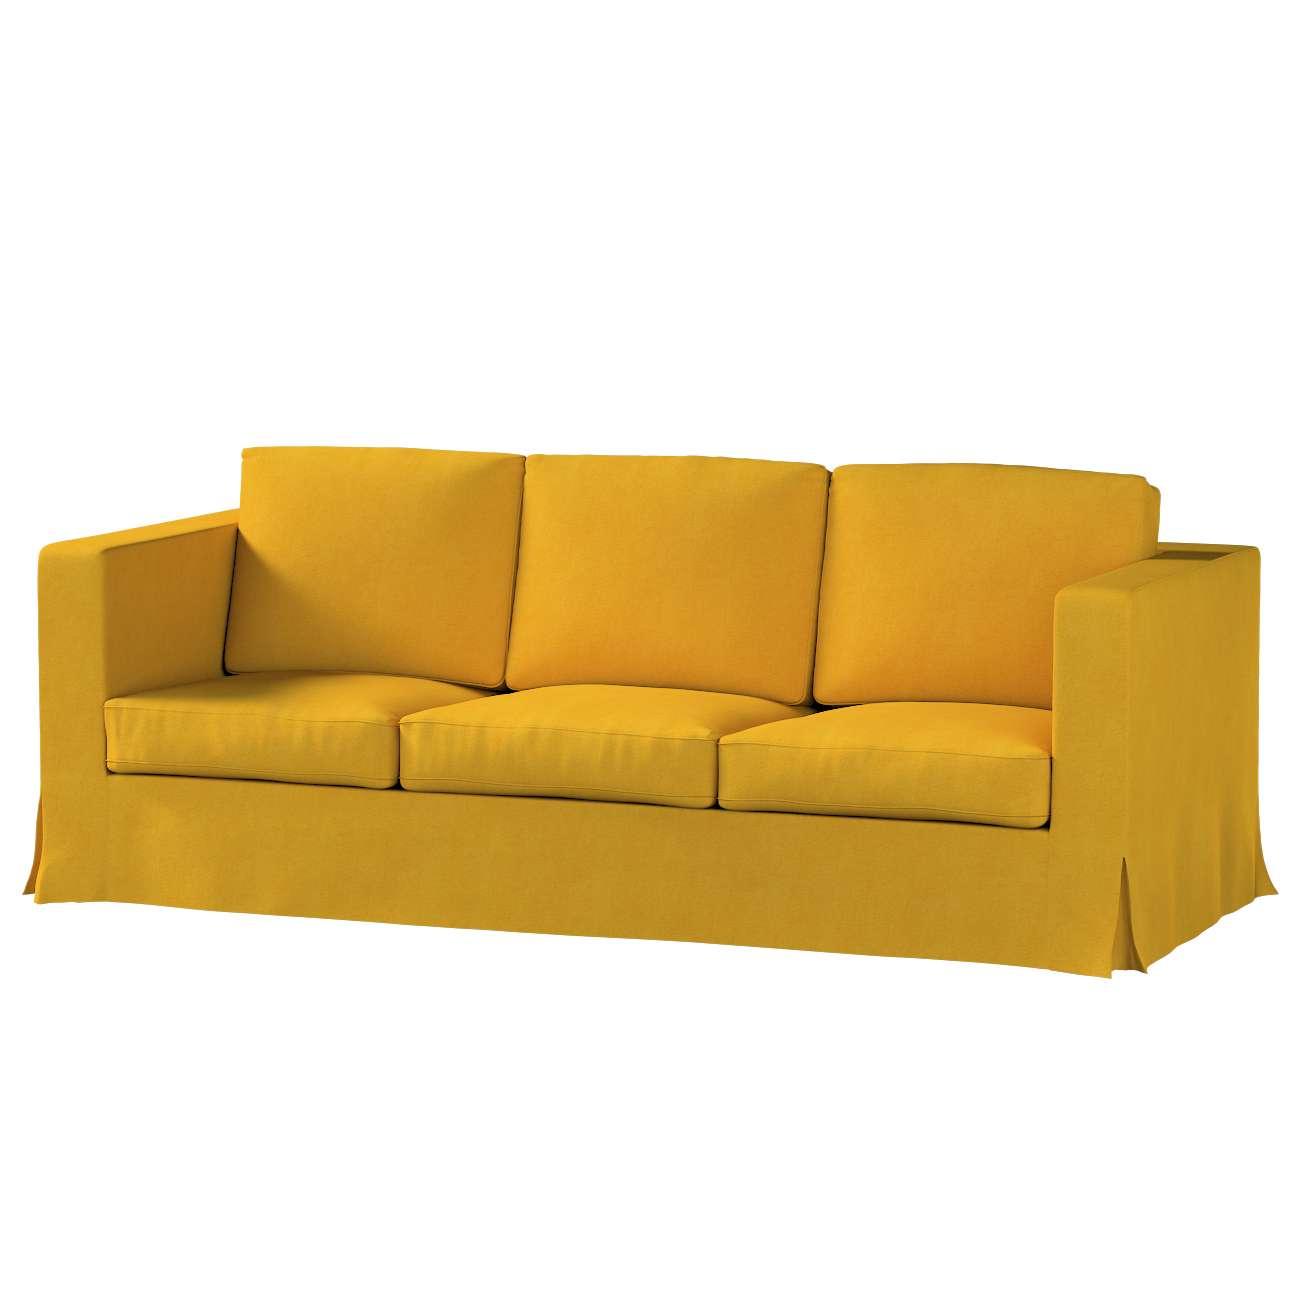 KARLANDA trivietės sofos iki žemės užvalkalas KARLANDA trivietės sofos iki žemės užvalkalas kolekcijoje Etna , audinys: 705-04